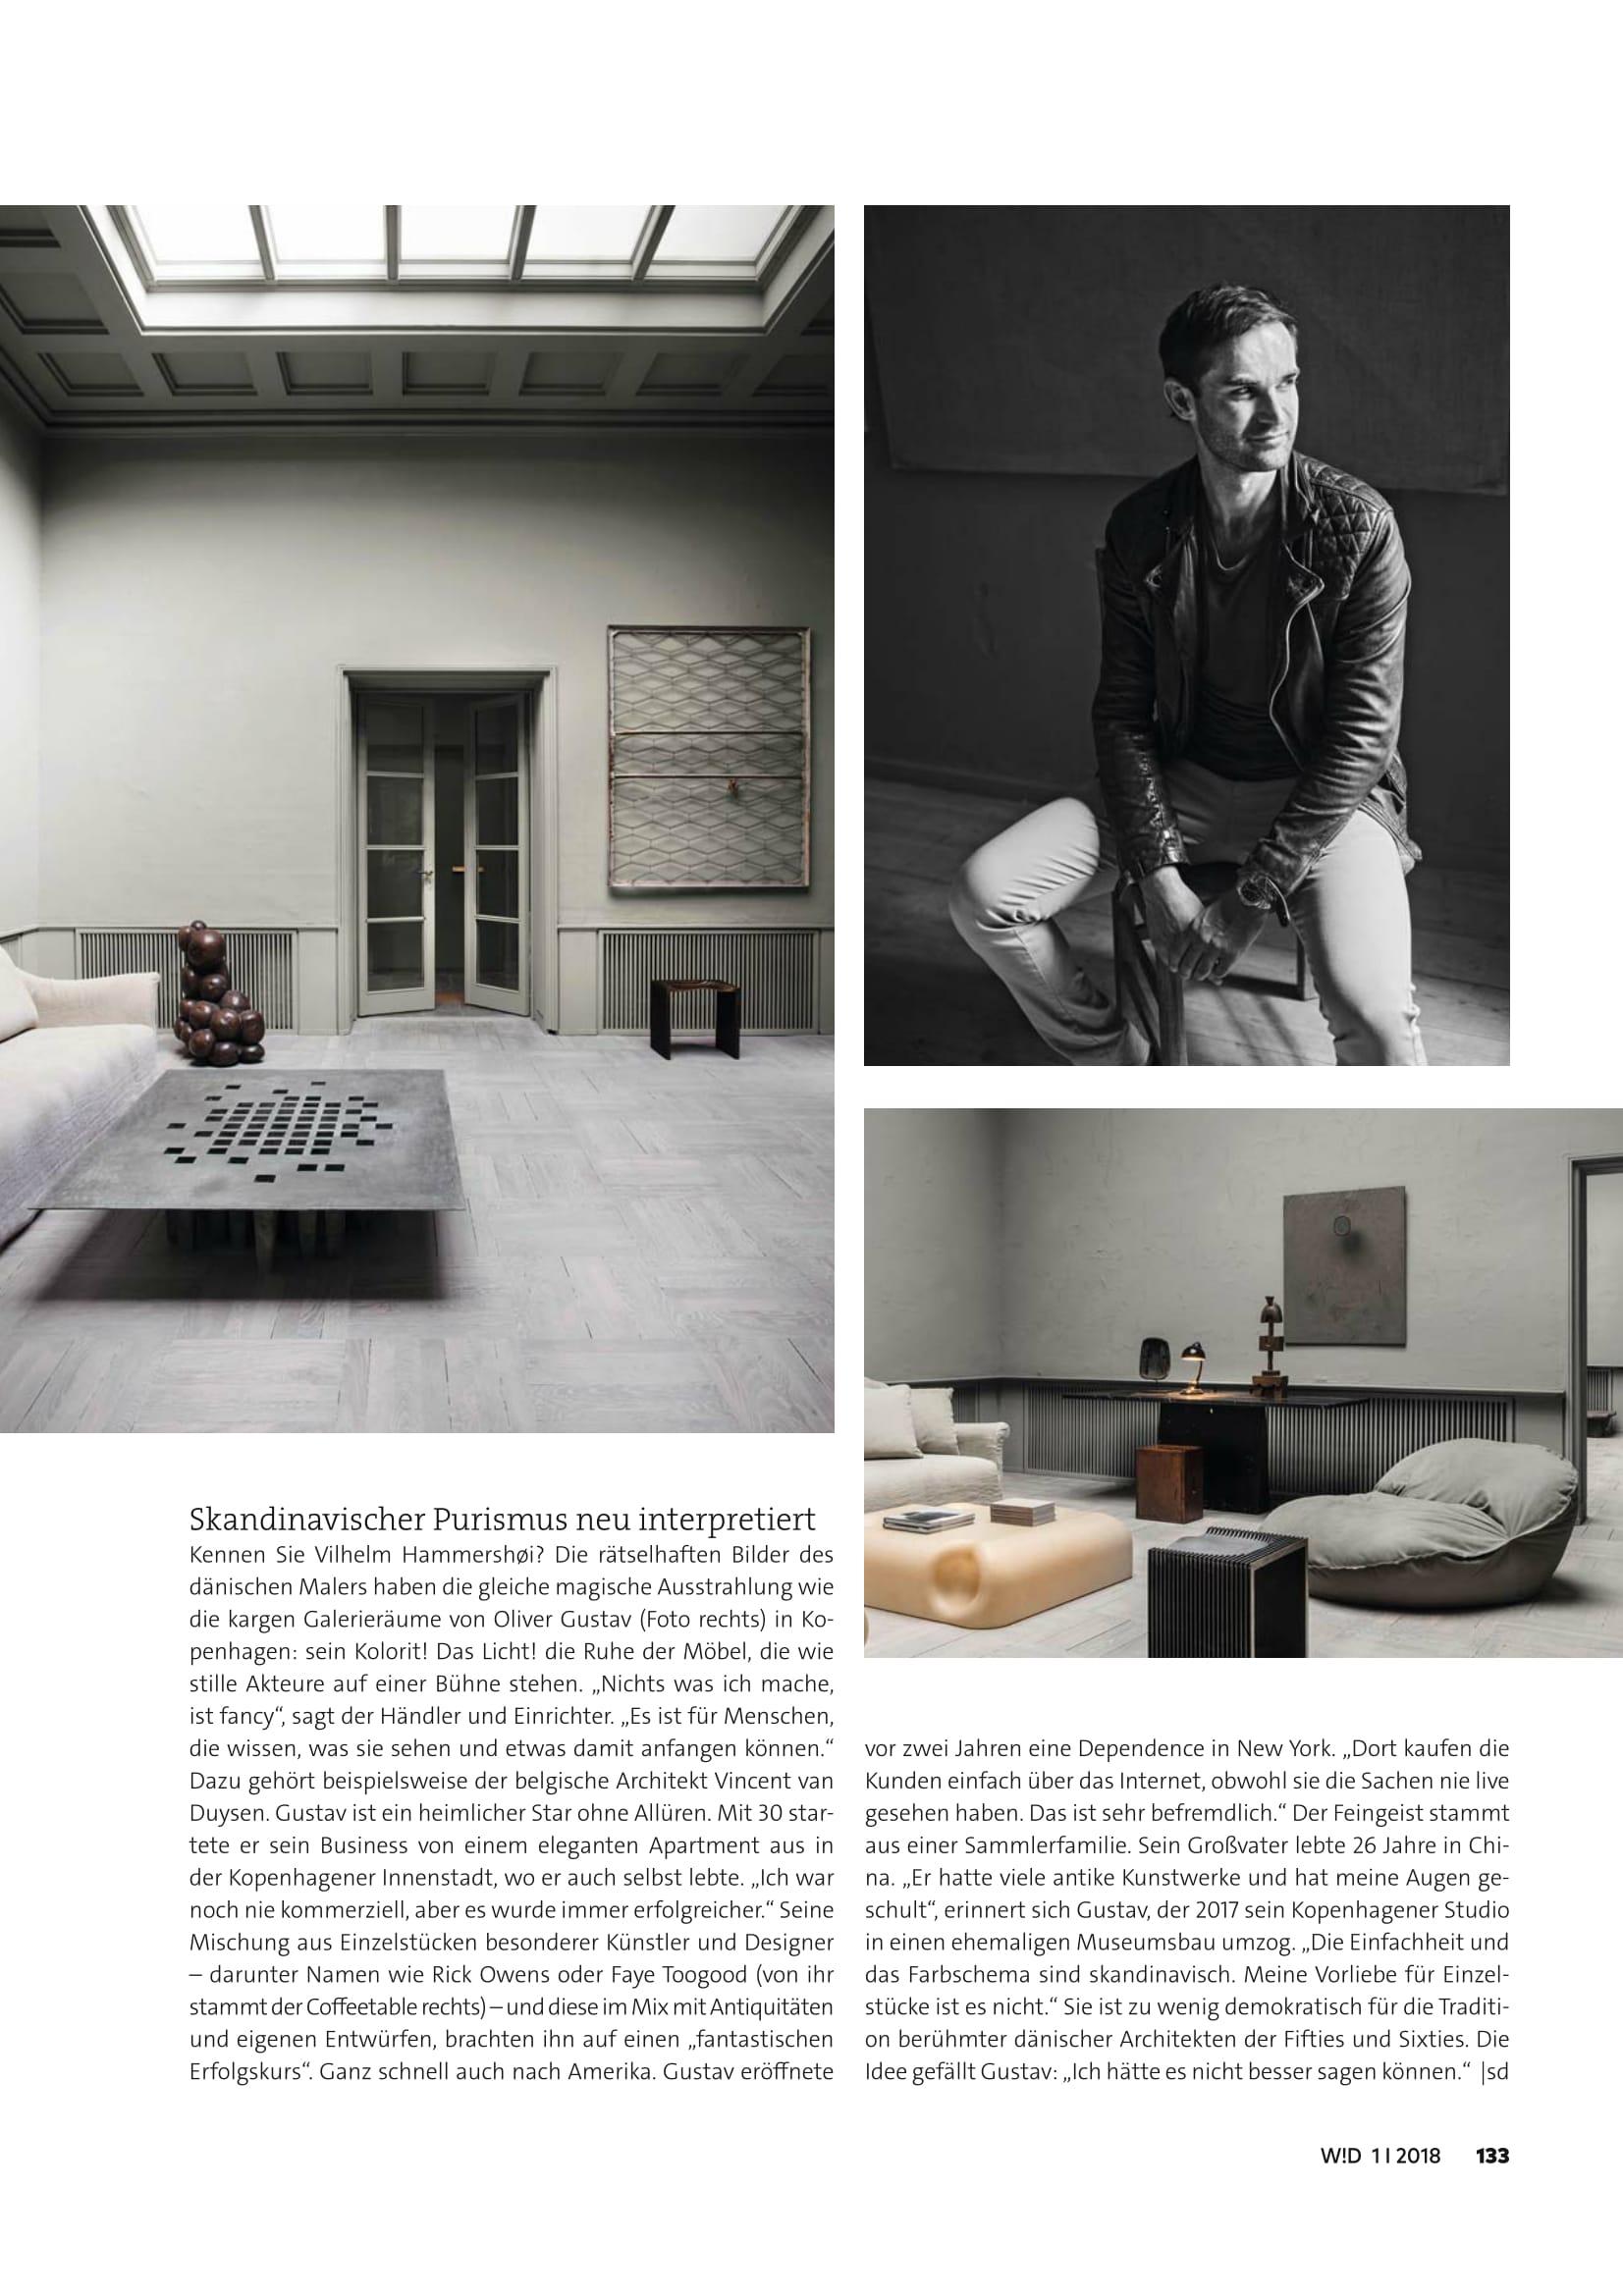 Wohn! design magazine interview about Studio Oliver Gustav